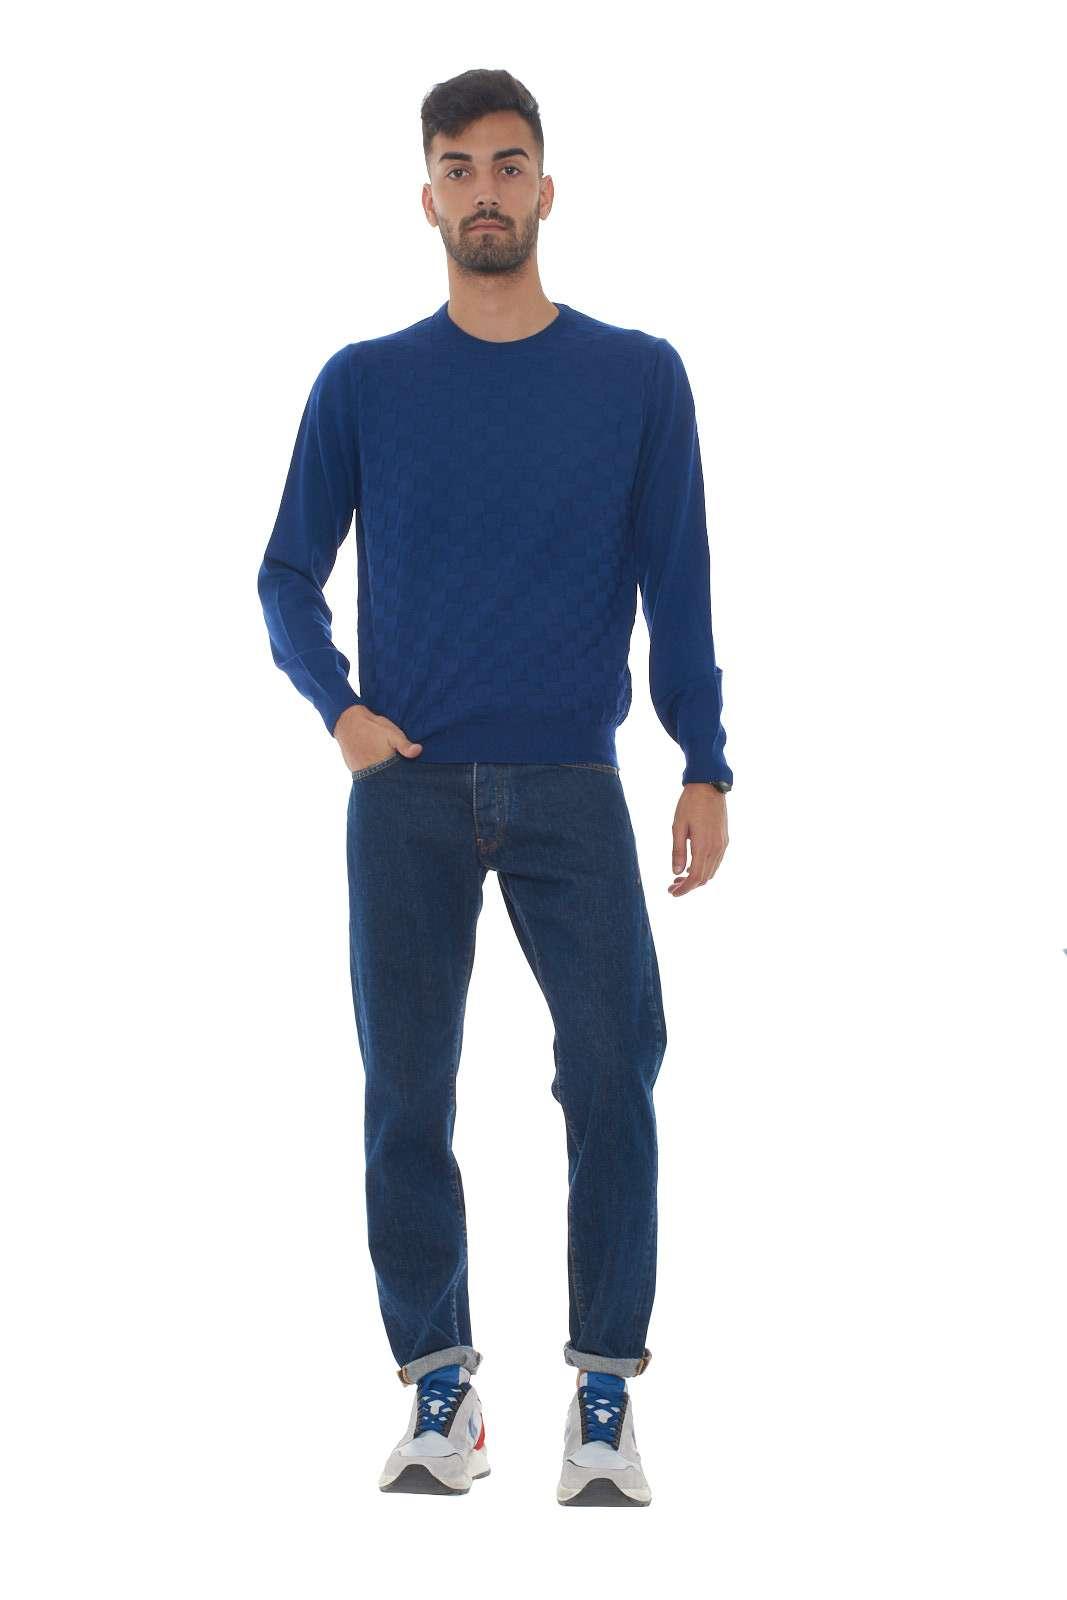 https://www.parmax.com/media/catalog/product/a/i/AI-outlet_parmax-maglia-uomo-Acquapura-007-D.jpg